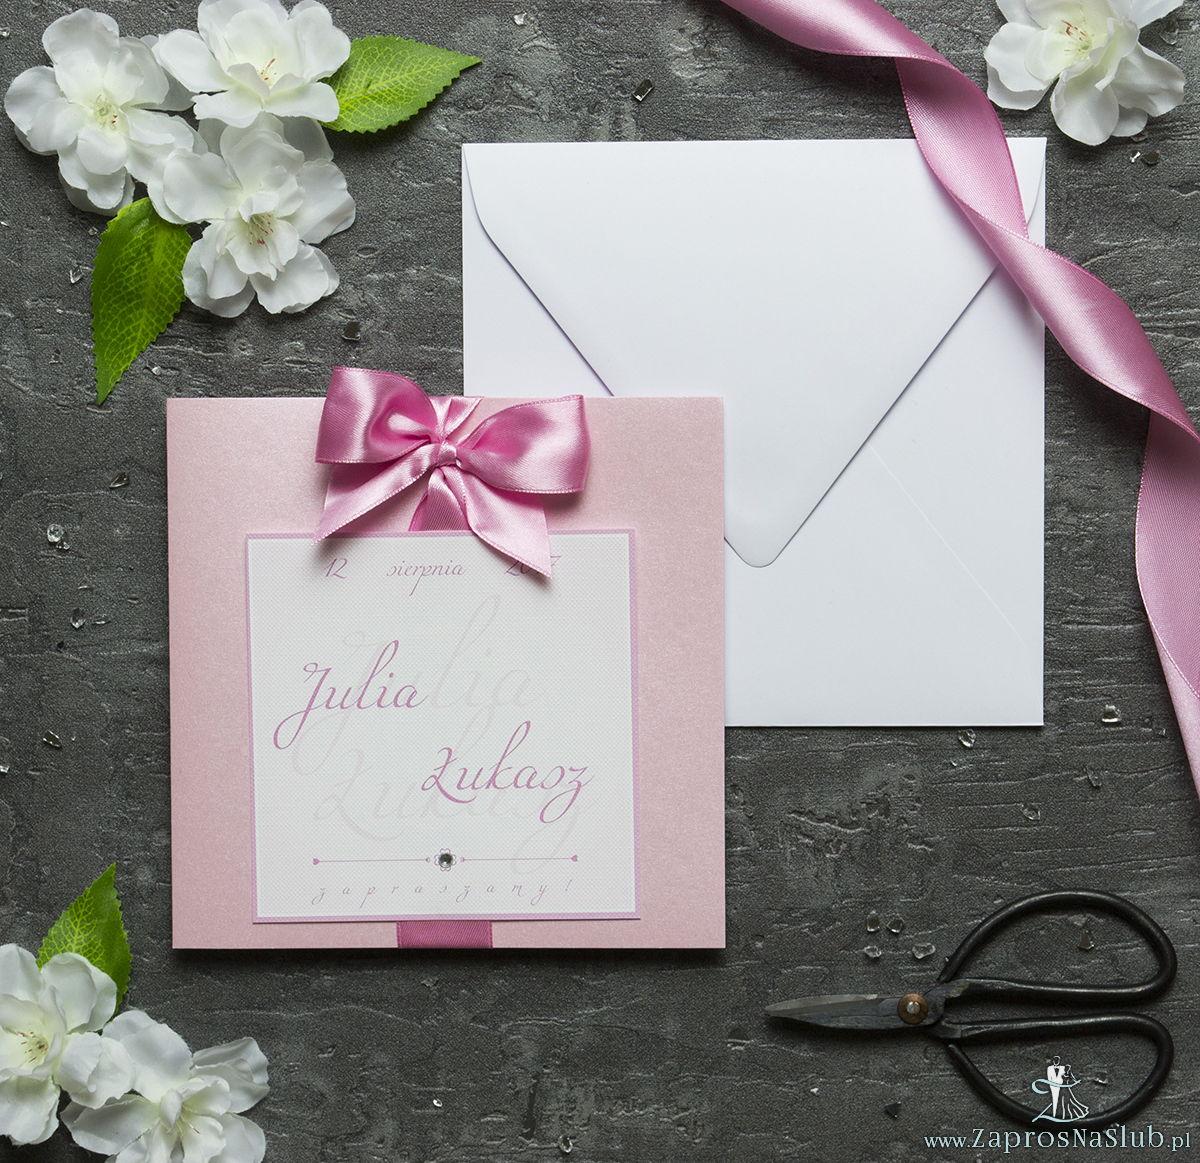 Zaproszenia ślubne na różowym papierze perłowym, ze wstążką w kolorze różowym i cyrkonią oraz wklejanym wnętrzem. ZAP-61-93